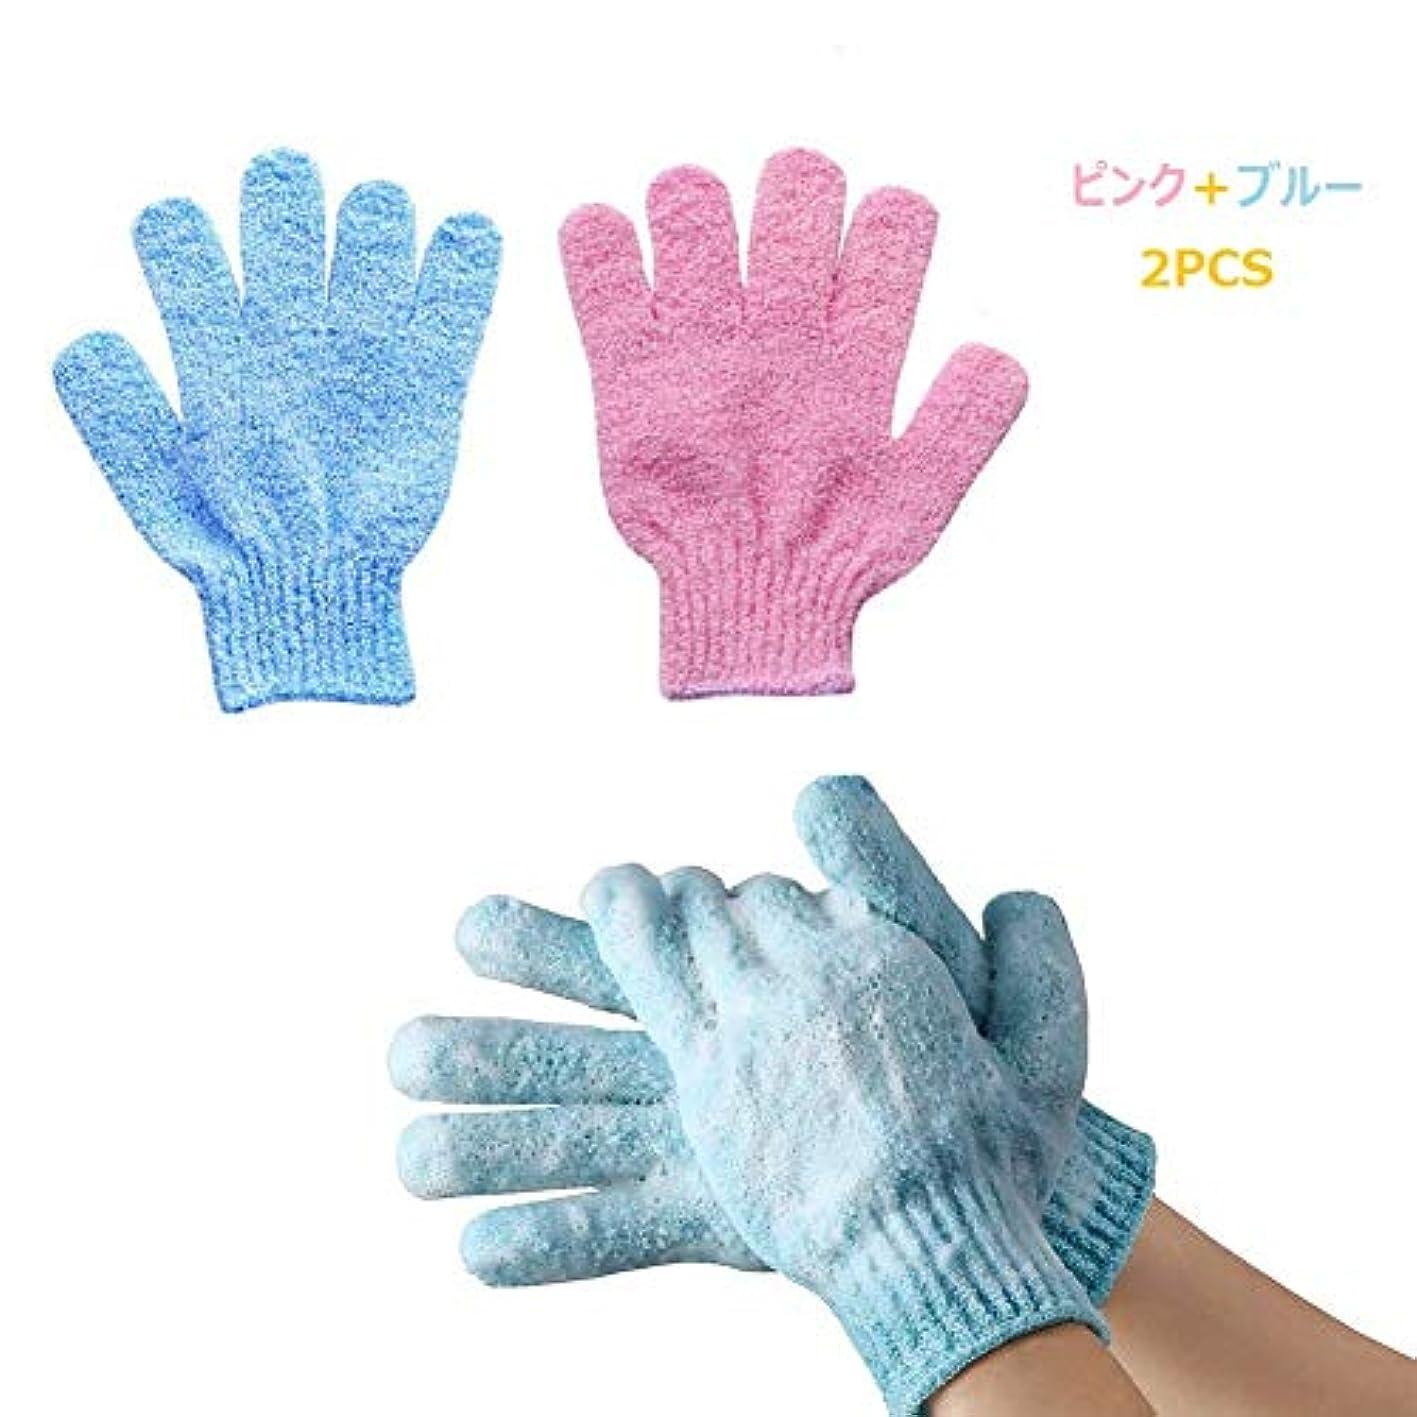 謙虚な許容配るROOFTOPS お風呂手袋 五本指 シャワーグローブ 泡立ち 柔らかい 入浴用品 角質除去 垢すり 2PCS (ピンク+ブルー)